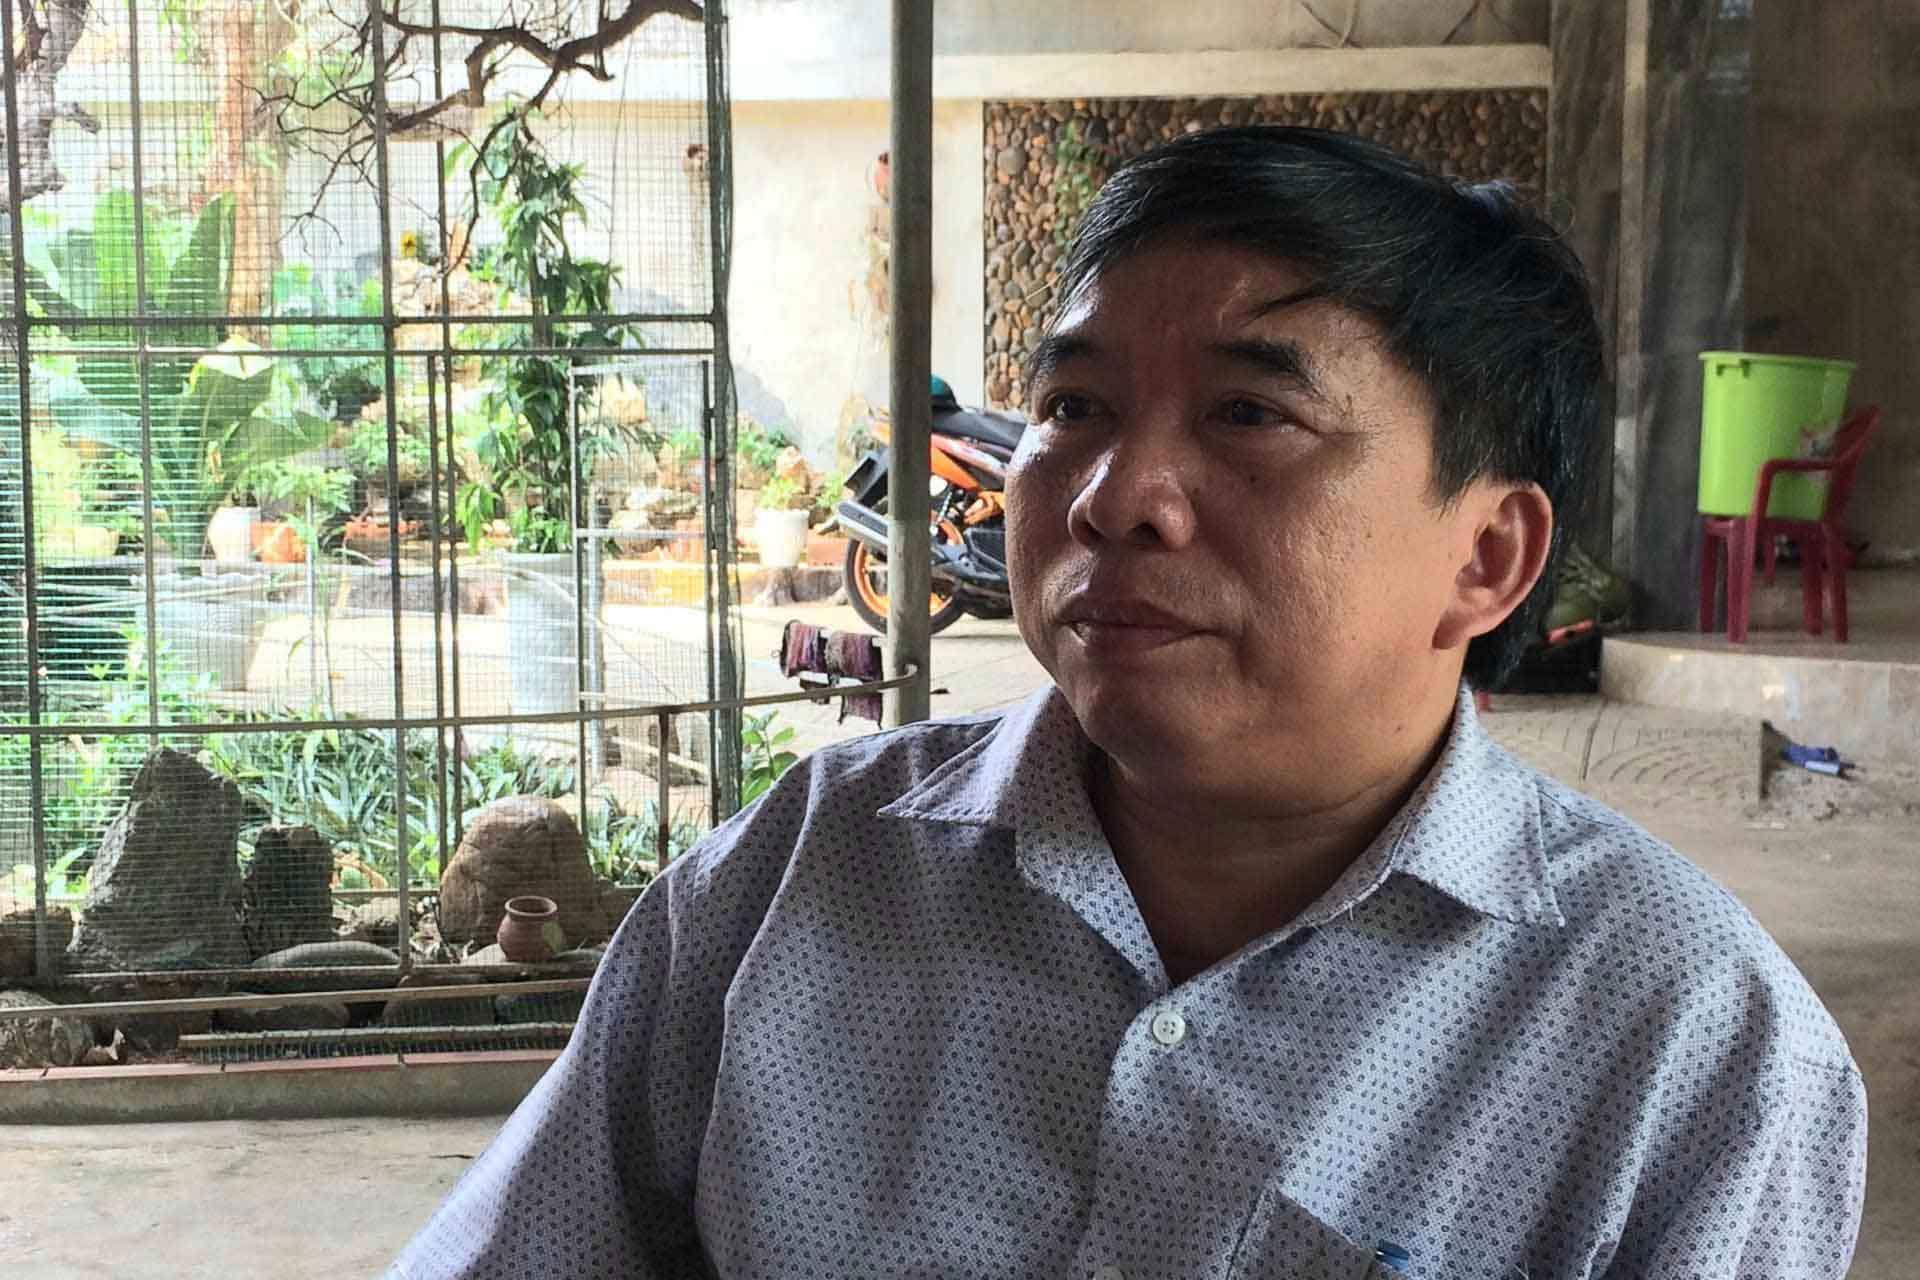 Sau cú điện thoại của kẻ xưng sếp lớn, 4 cô giáo ở Quảng Trị bị mất 66 triệu-2